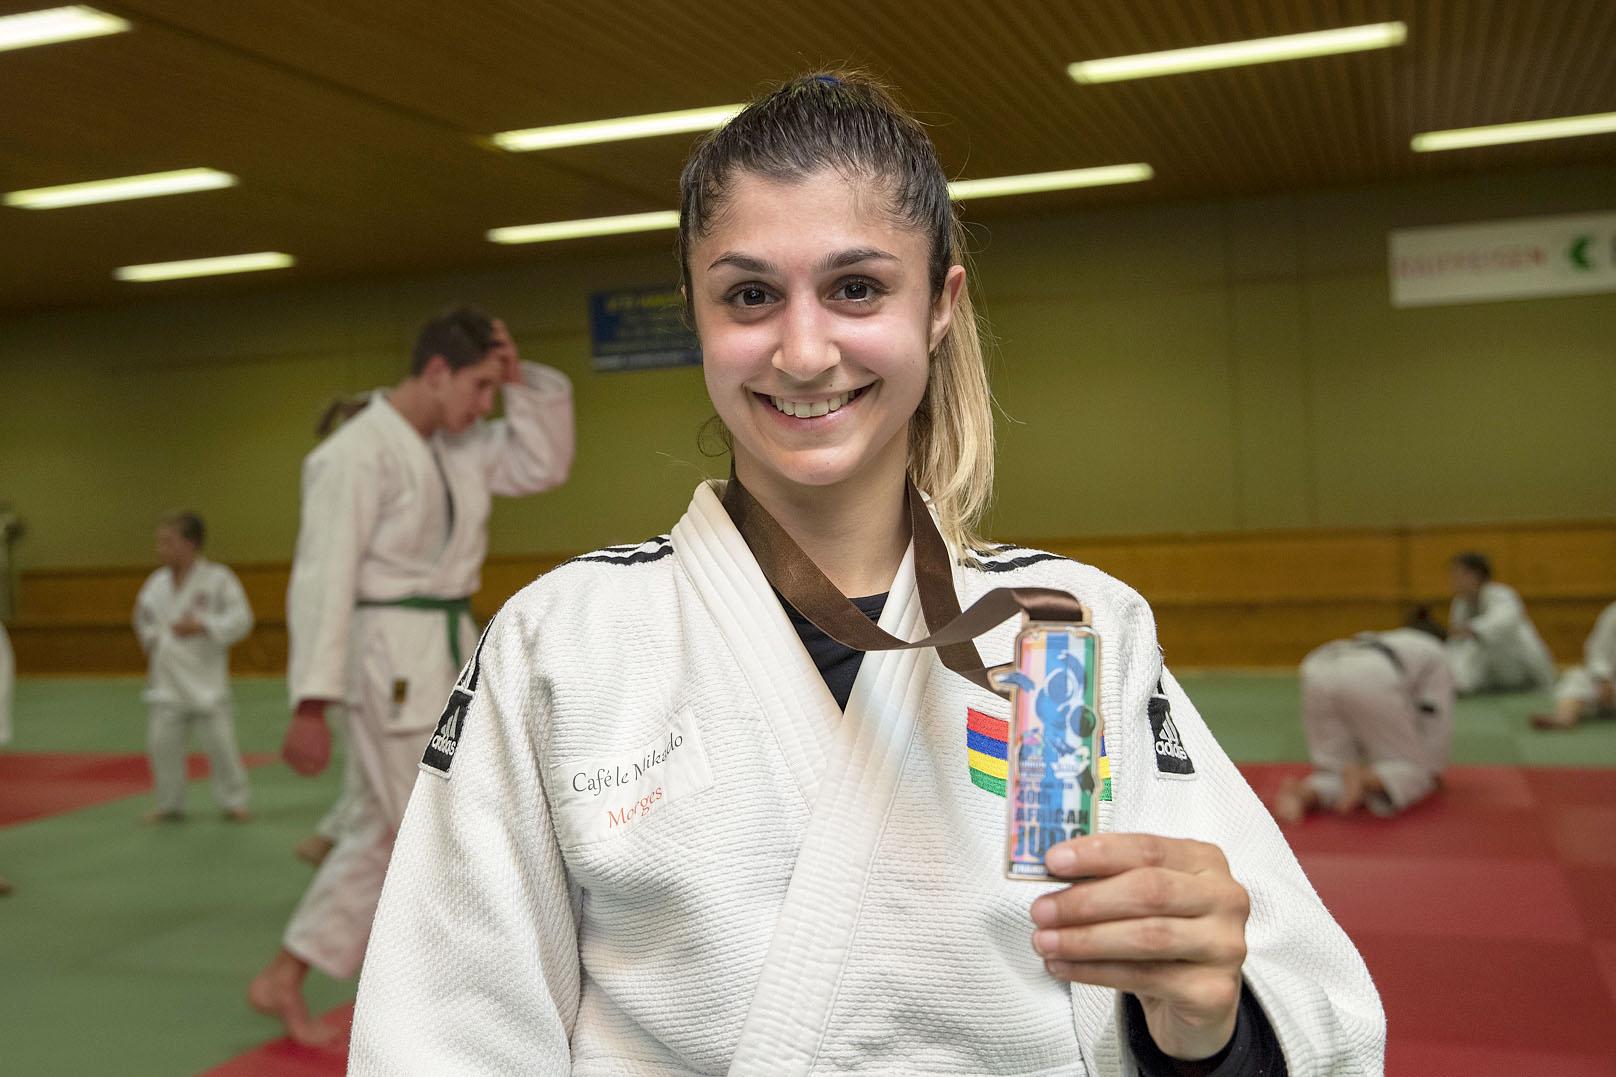 Nouvelle médaille d'argent pour Priscilla Morand!